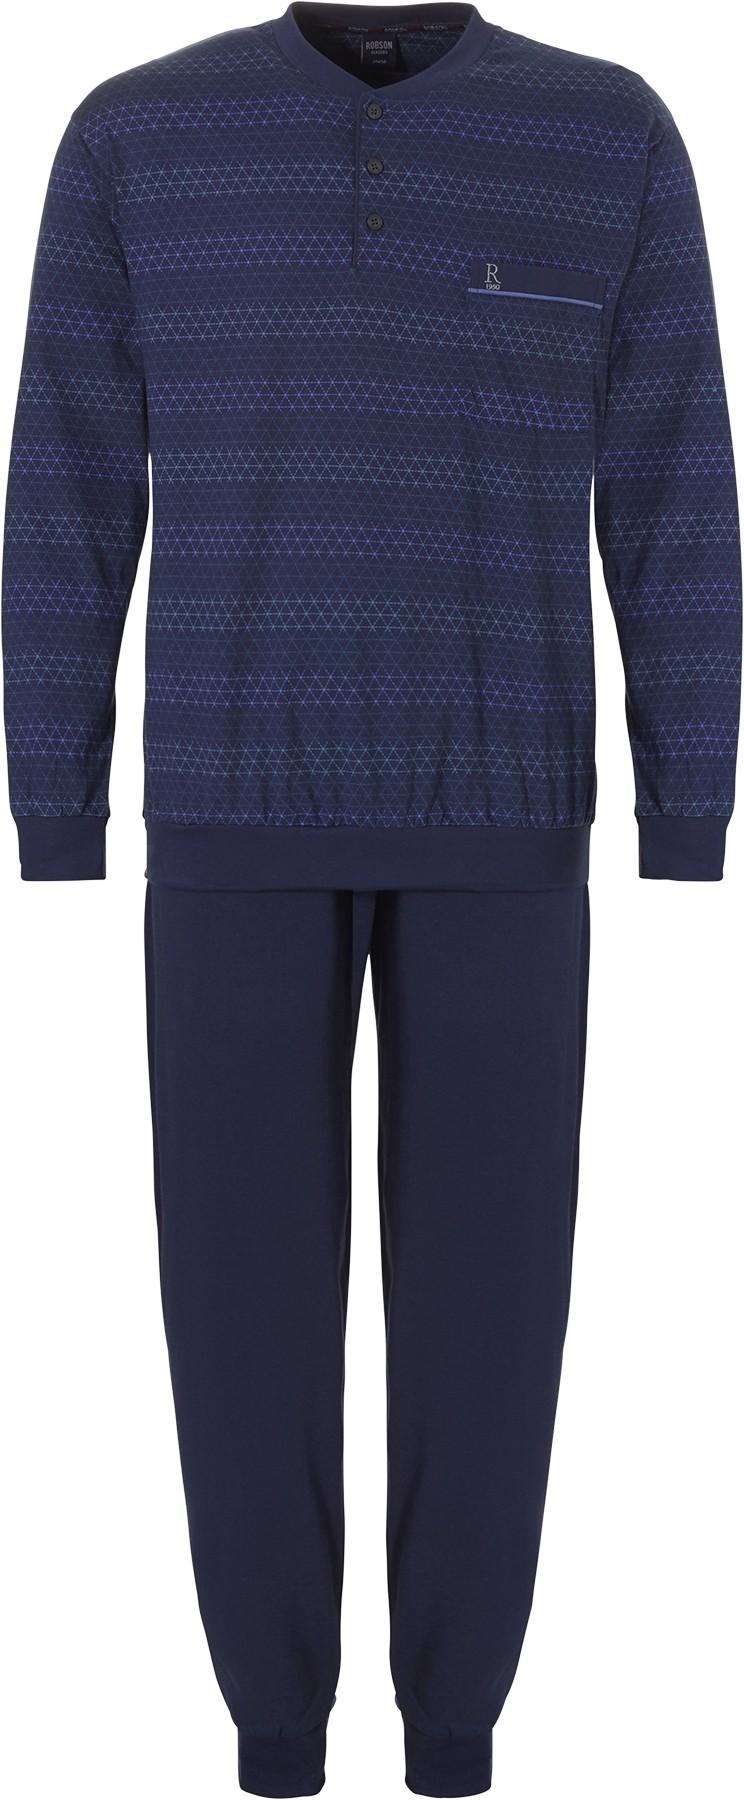 Heren pyjama Robson 702-4 563-48